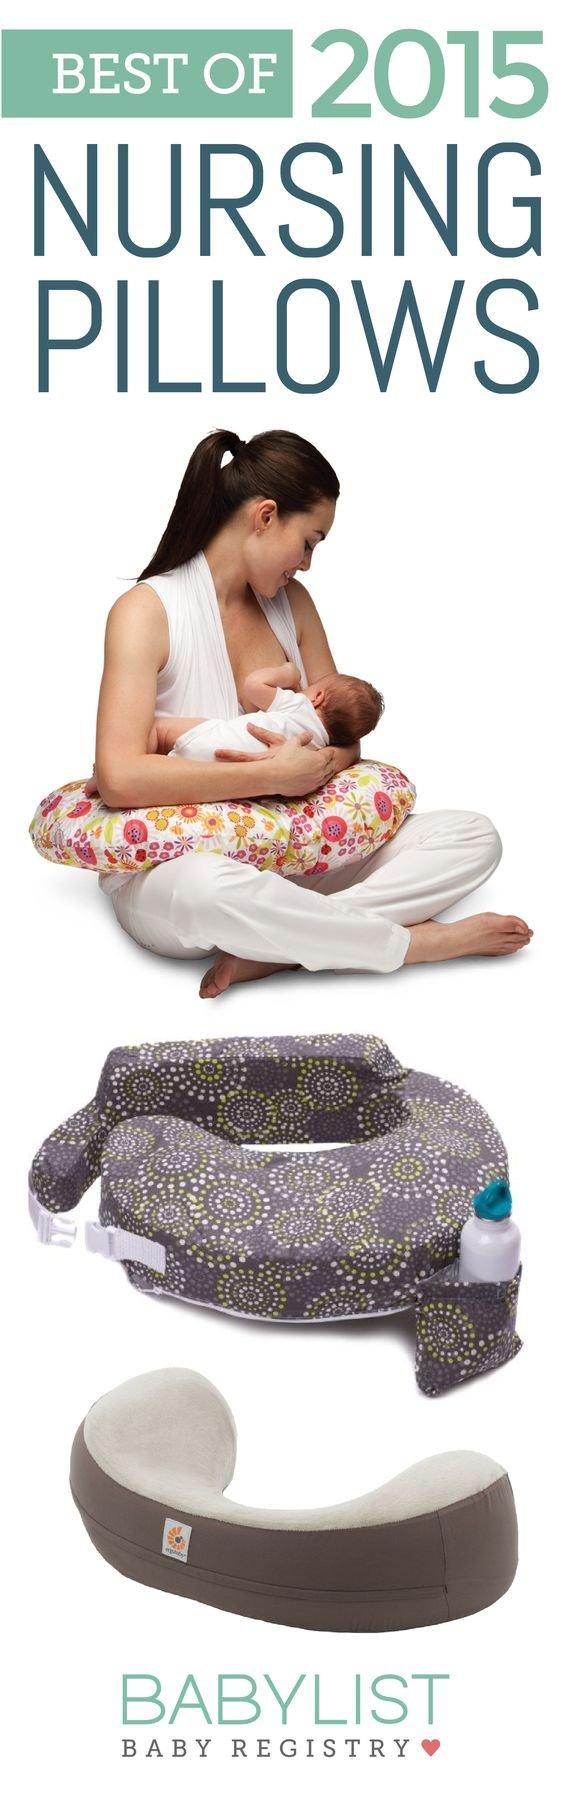 ترفندهای مادر و نوزاد که باید حتما امتحان کنید